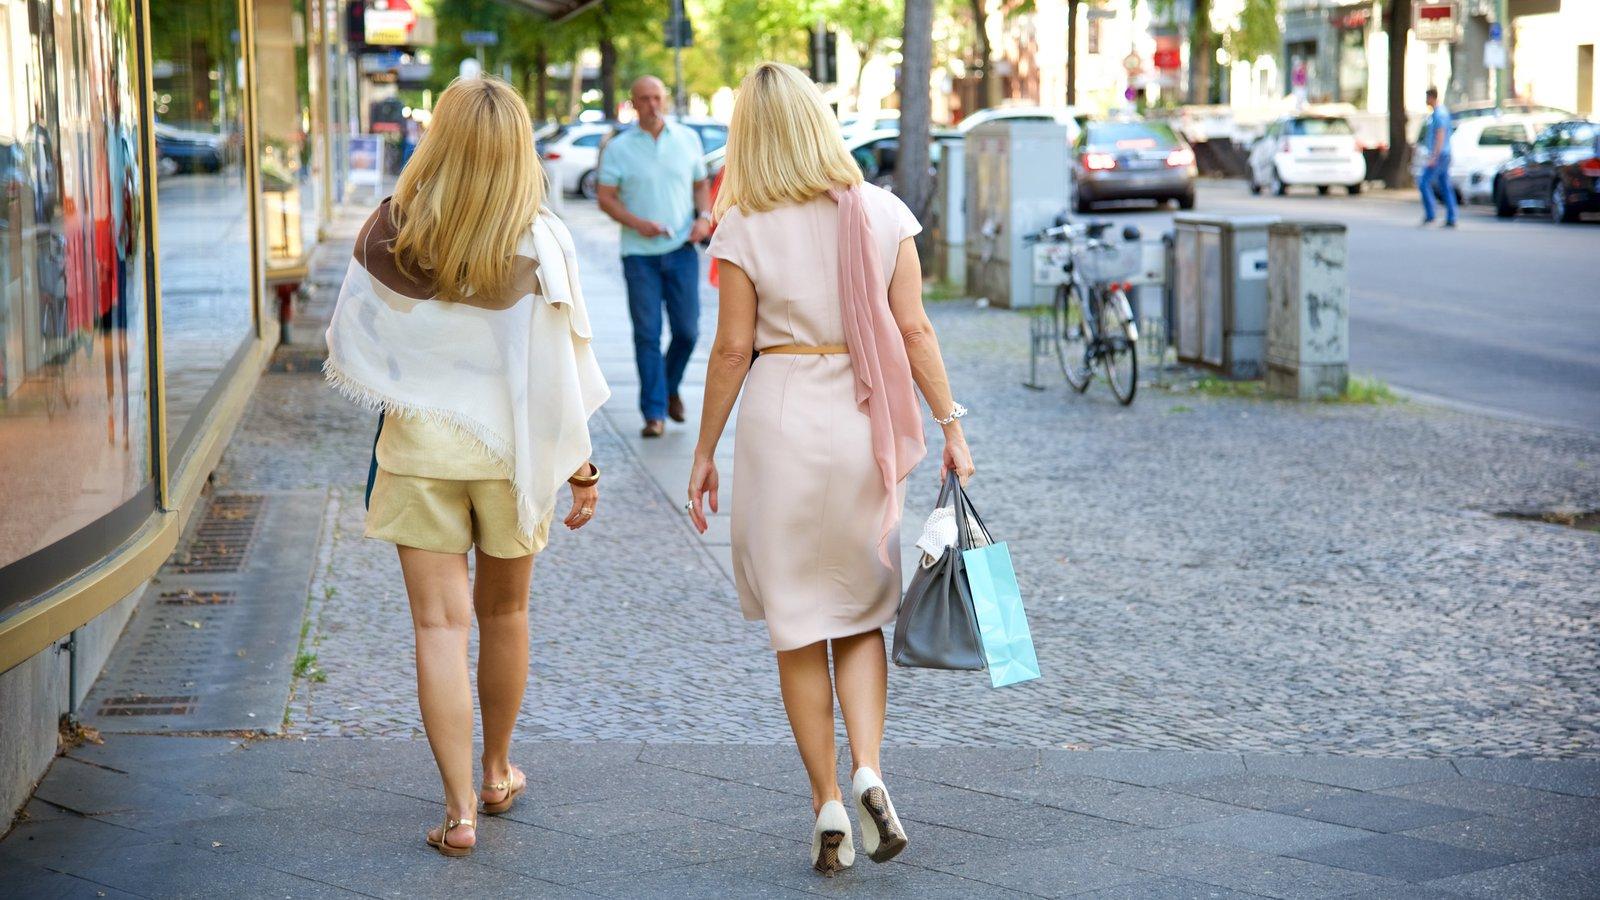 Kurfuerstendamm featuring shopping as well as a couple